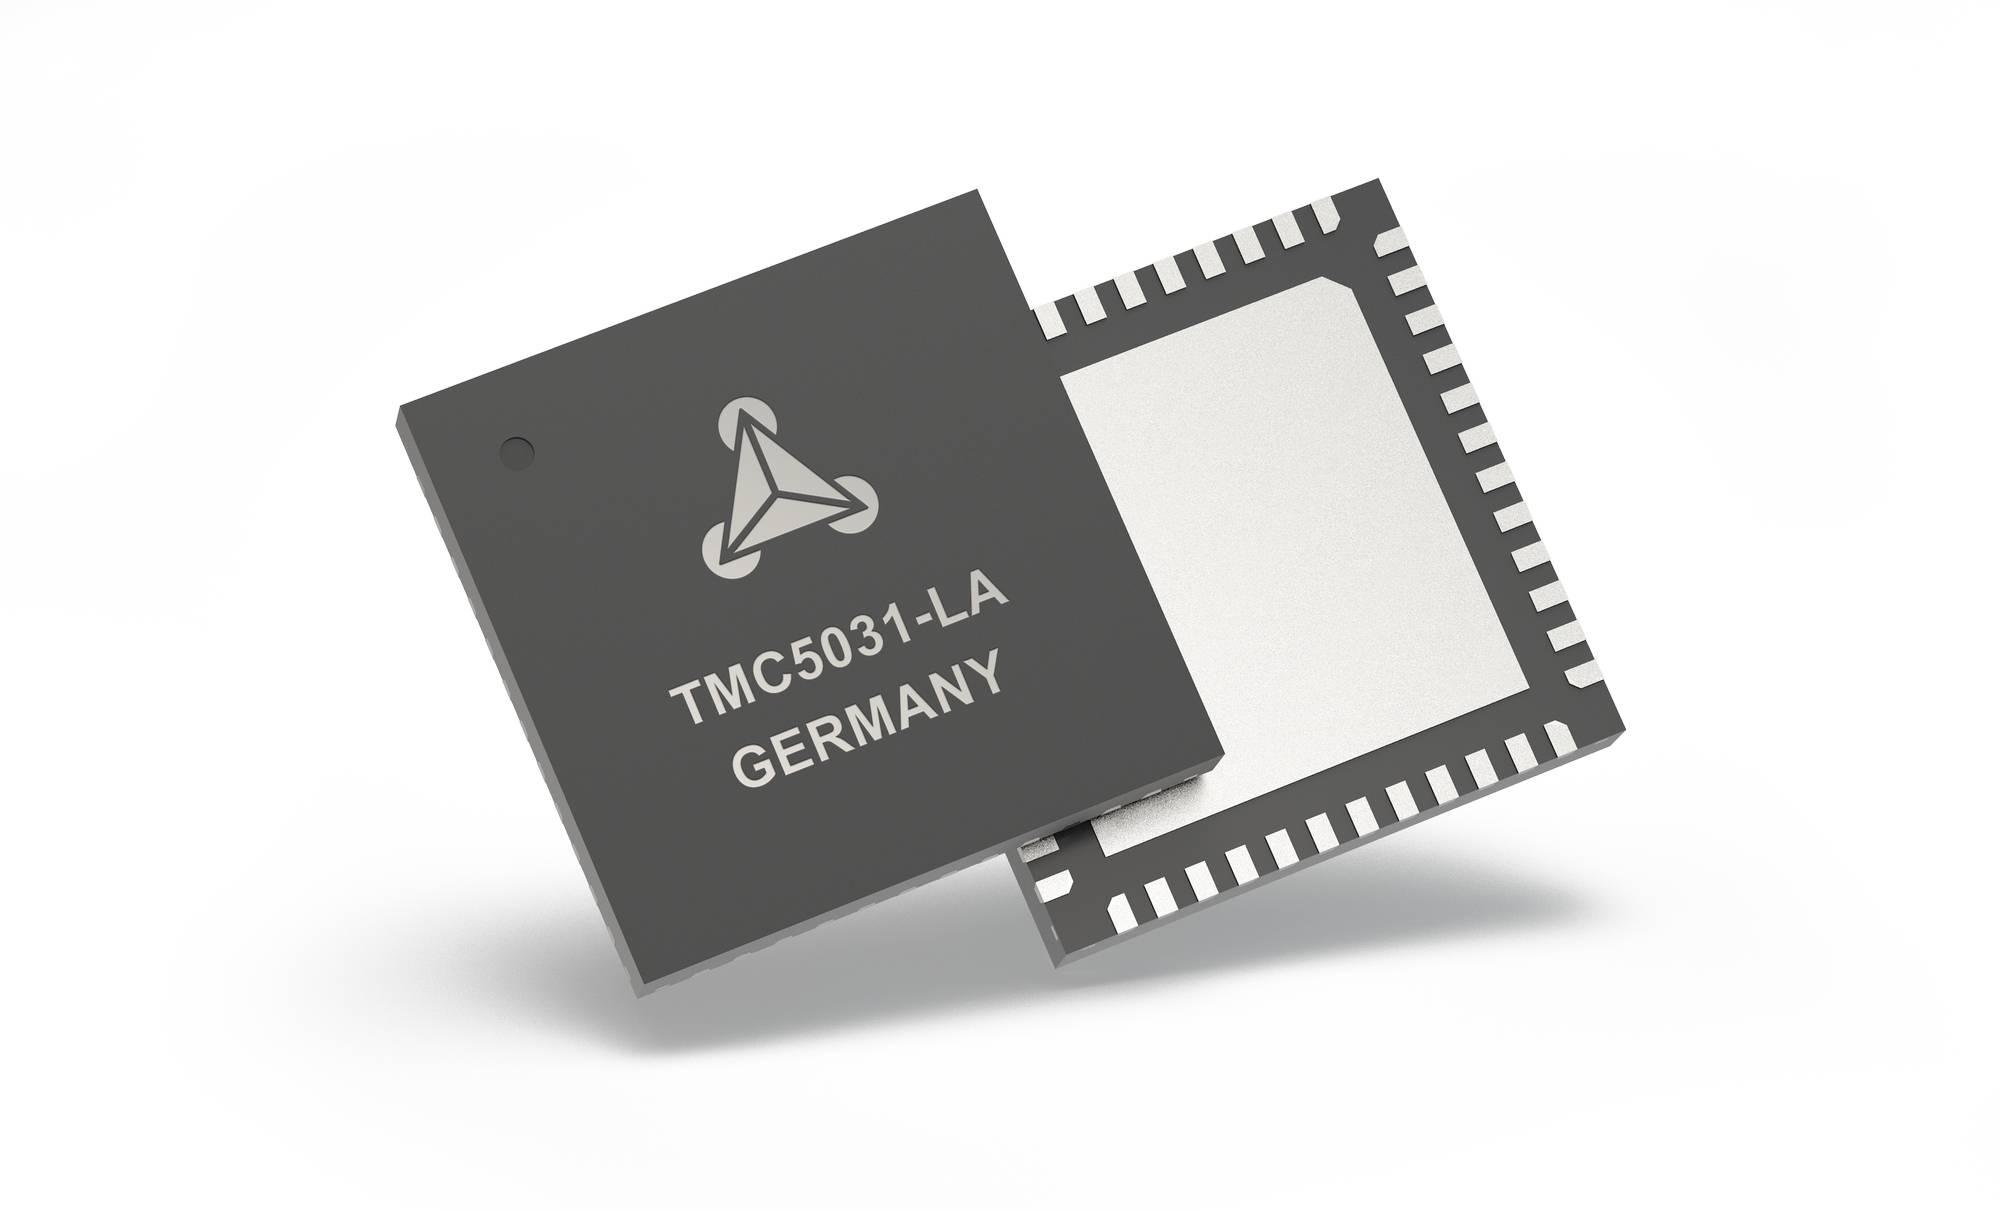 TMC5031-LA